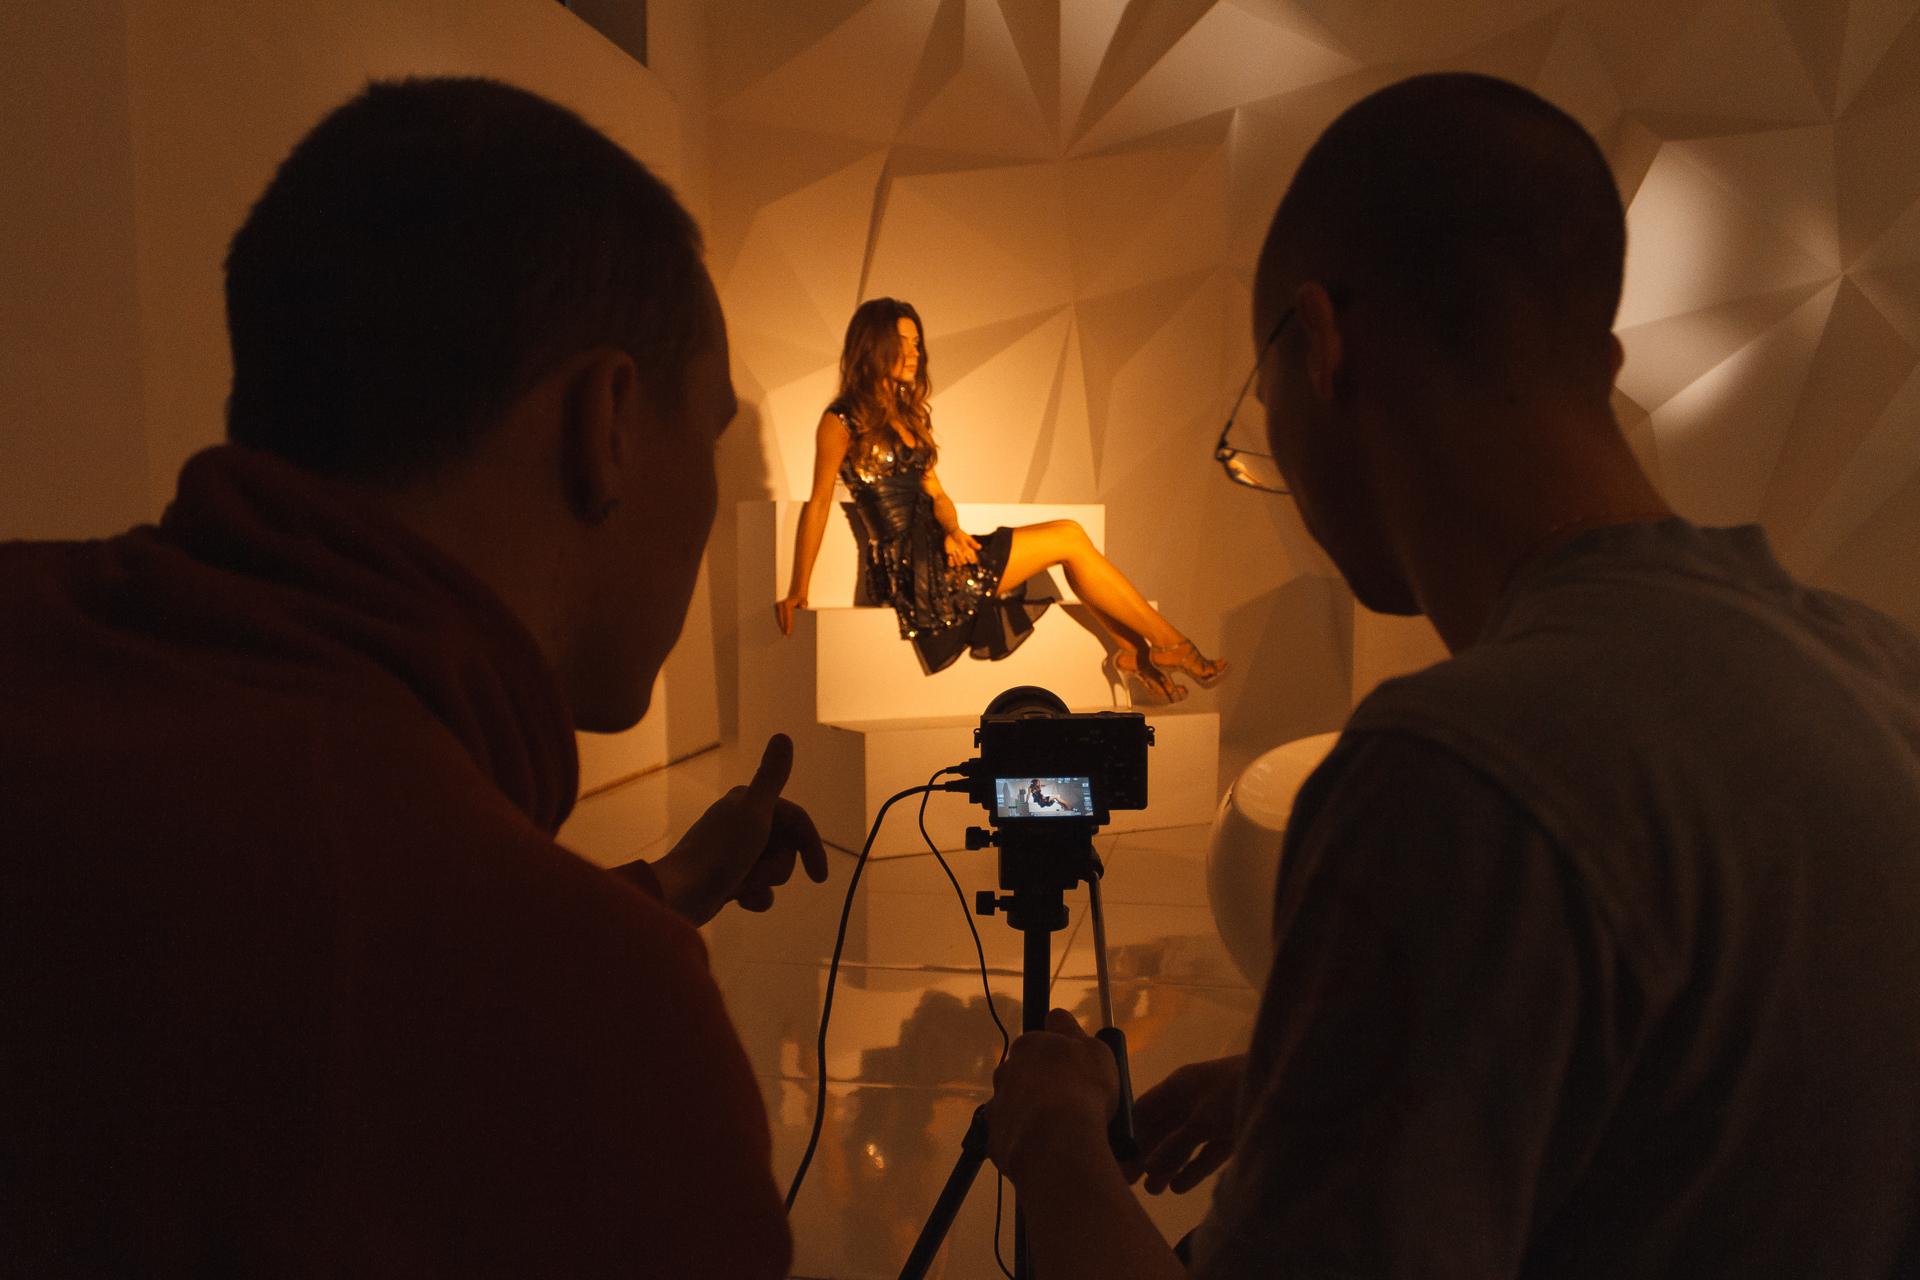 съемка клипа в Днепре студией Hunky Production